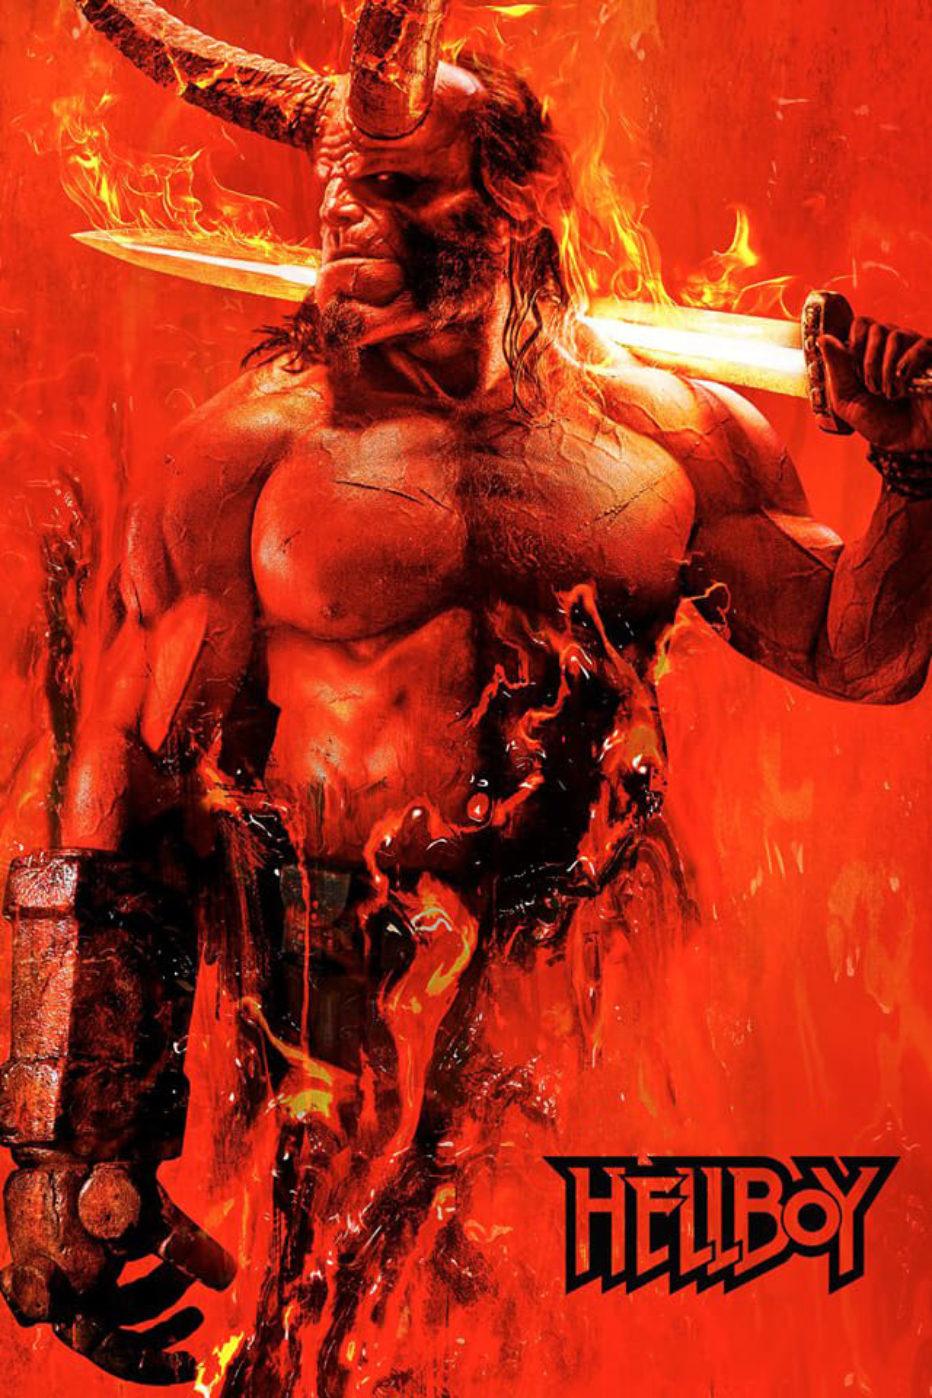 ¡Jodo, con el primer poster de Hellboy!